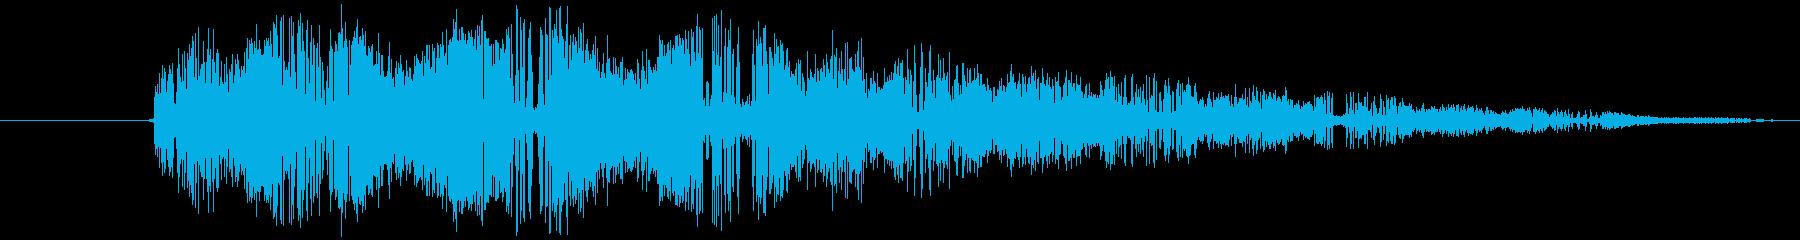 RPGの逃走音の再生済みの波形